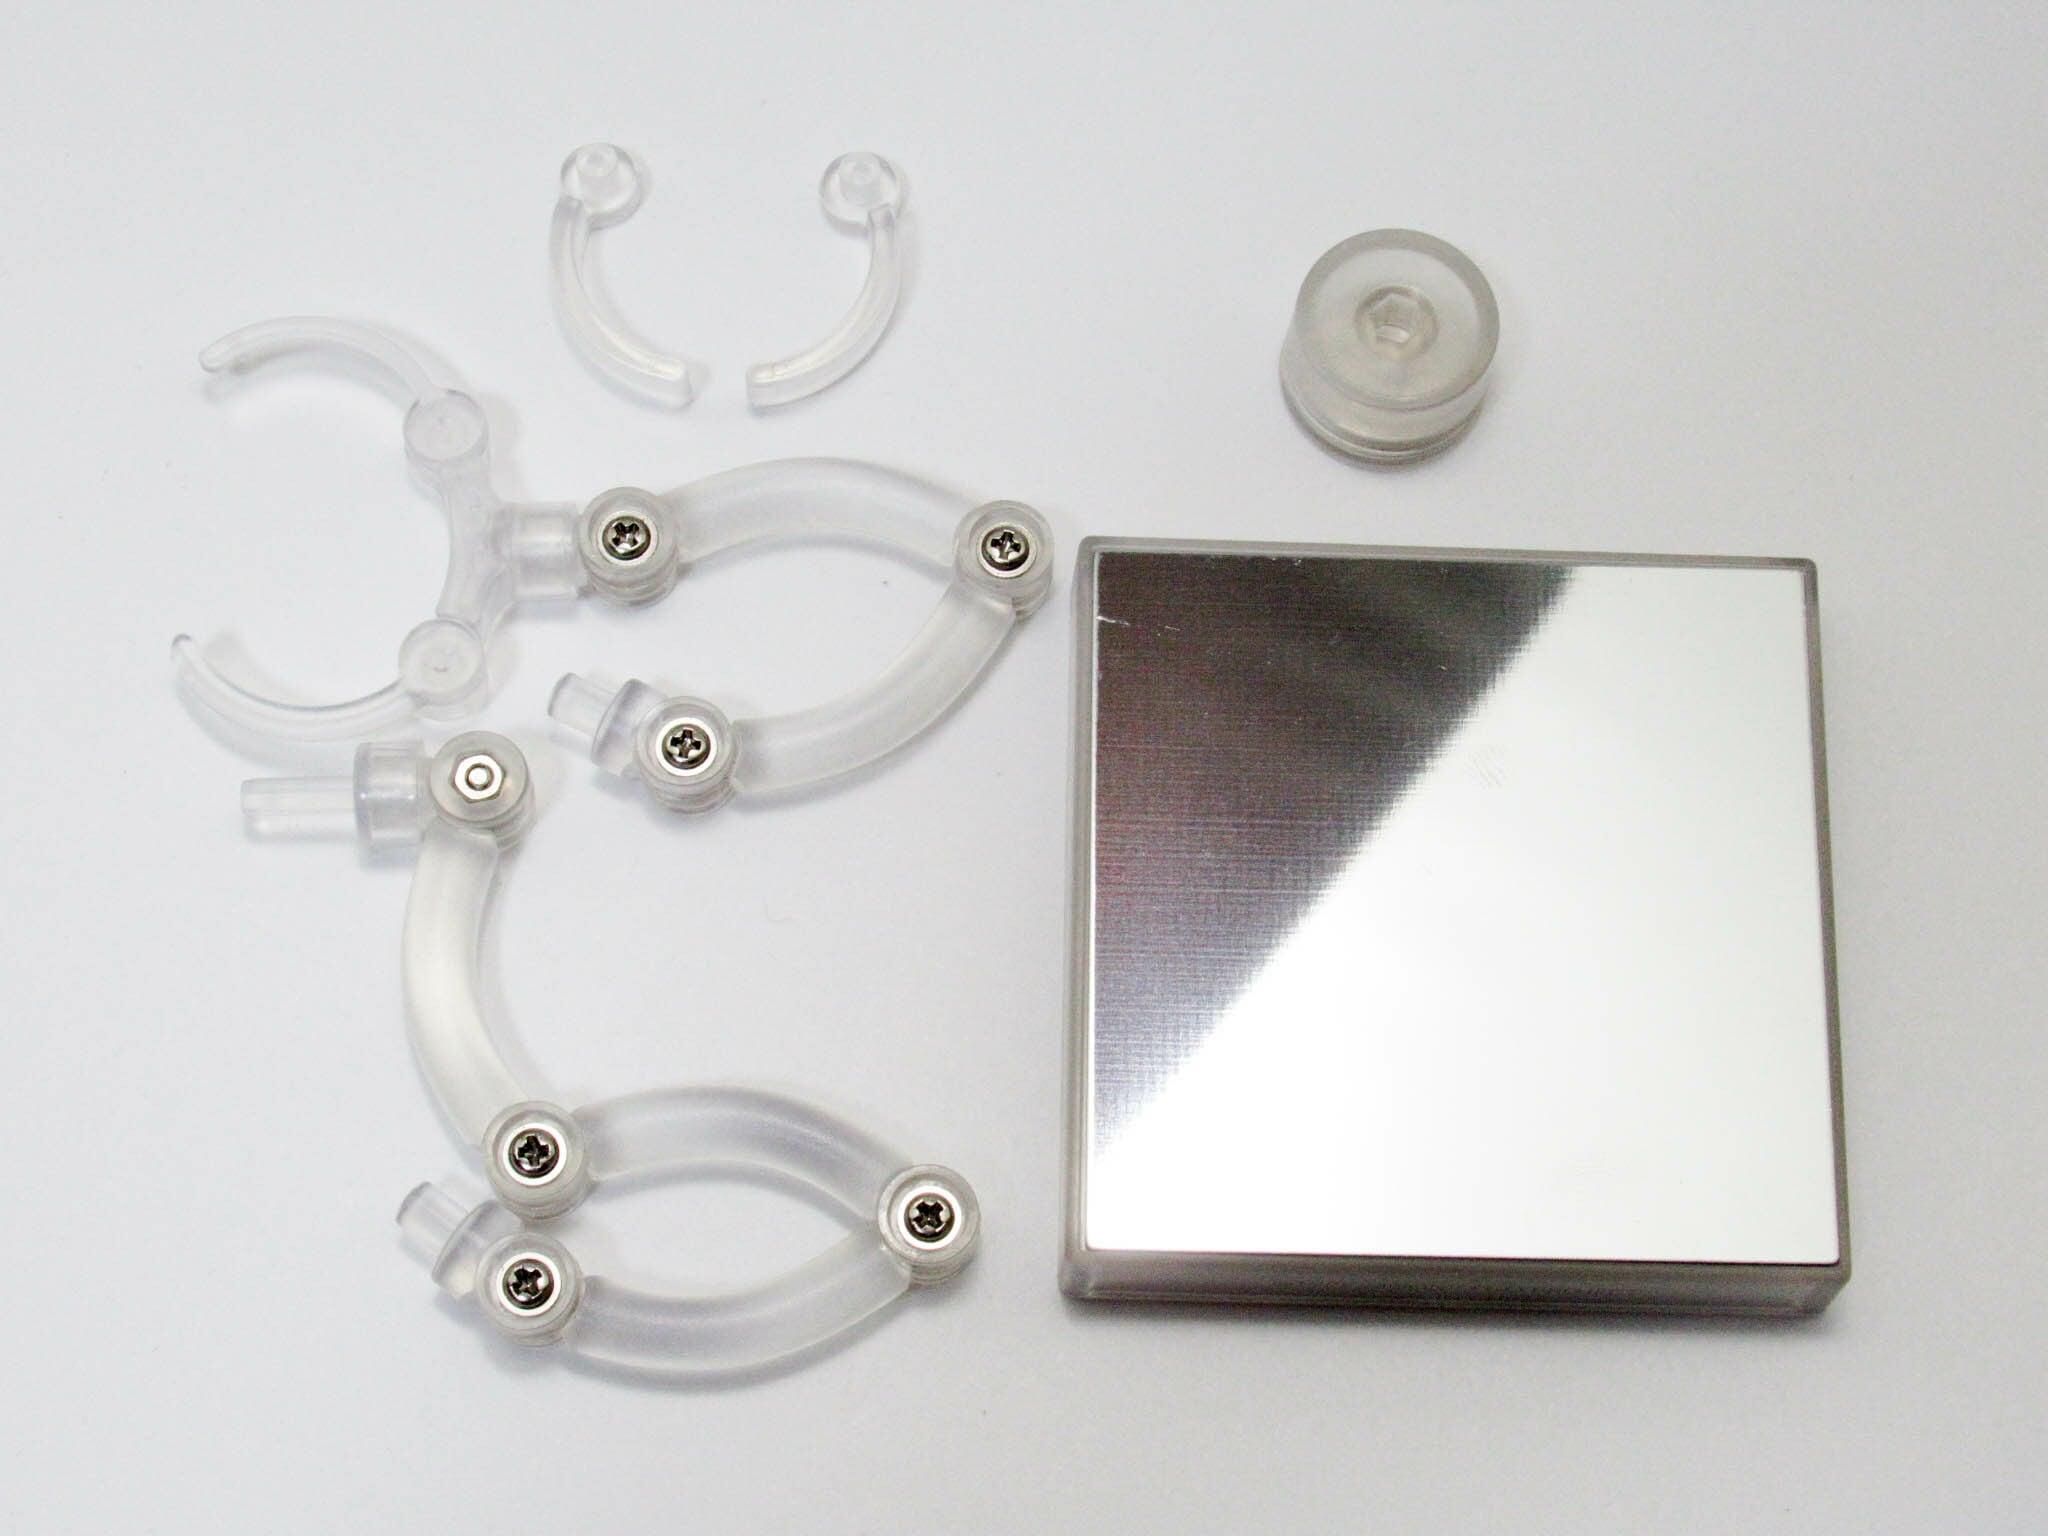 ねんどろいどどーる  台座 (共通)※金属部分の接着が機能しない場合があります。仕様です